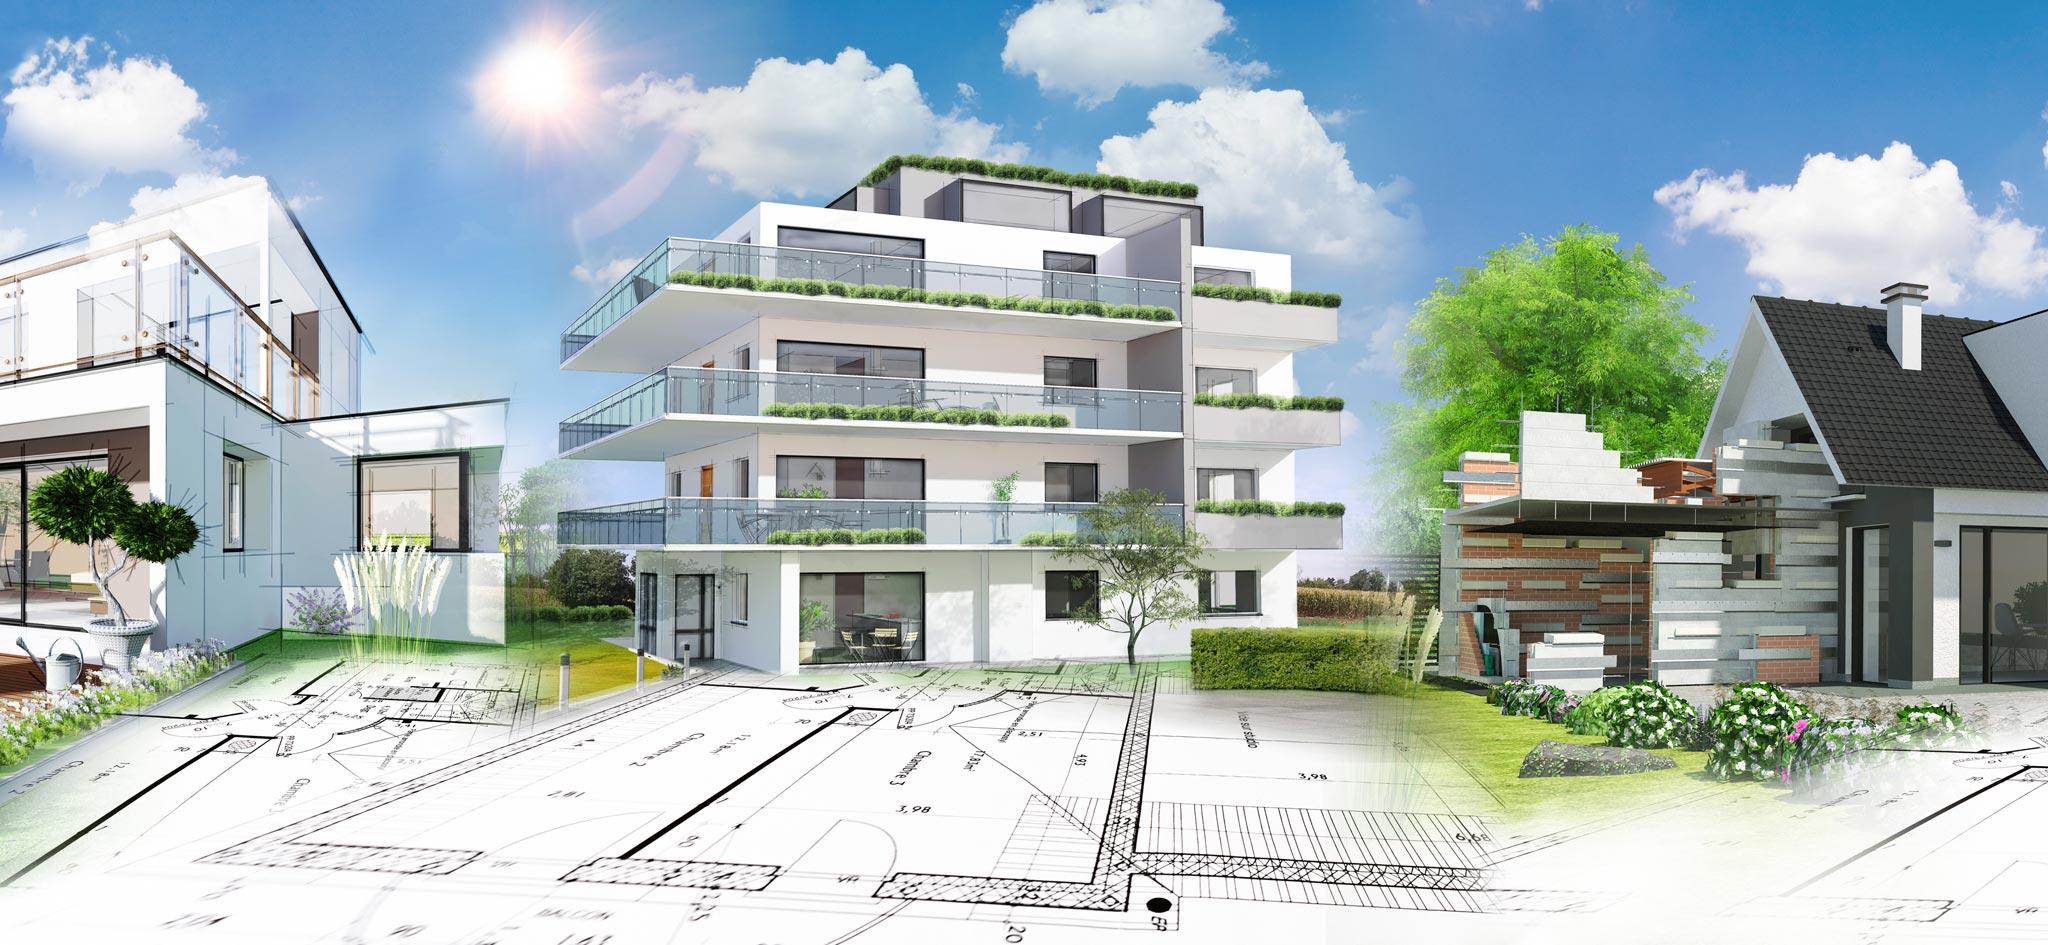 trihaus-bauen-6